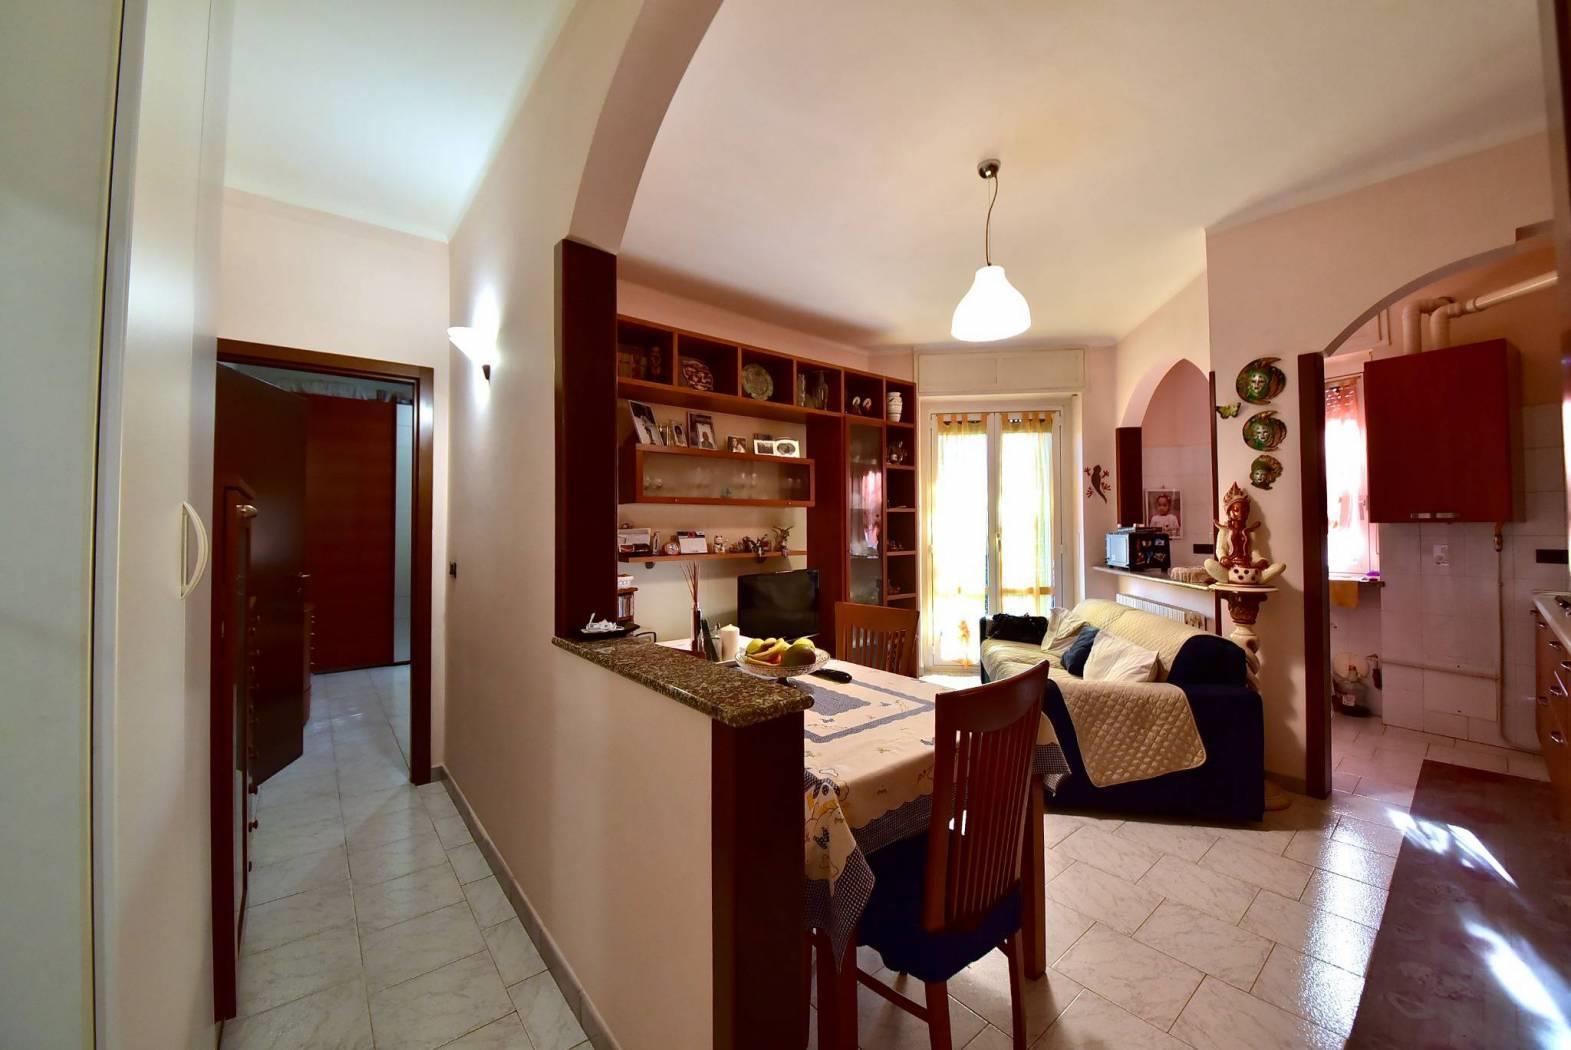 Foto 8 - Appartamento in Vendita - Desio (Monza e Brianza)